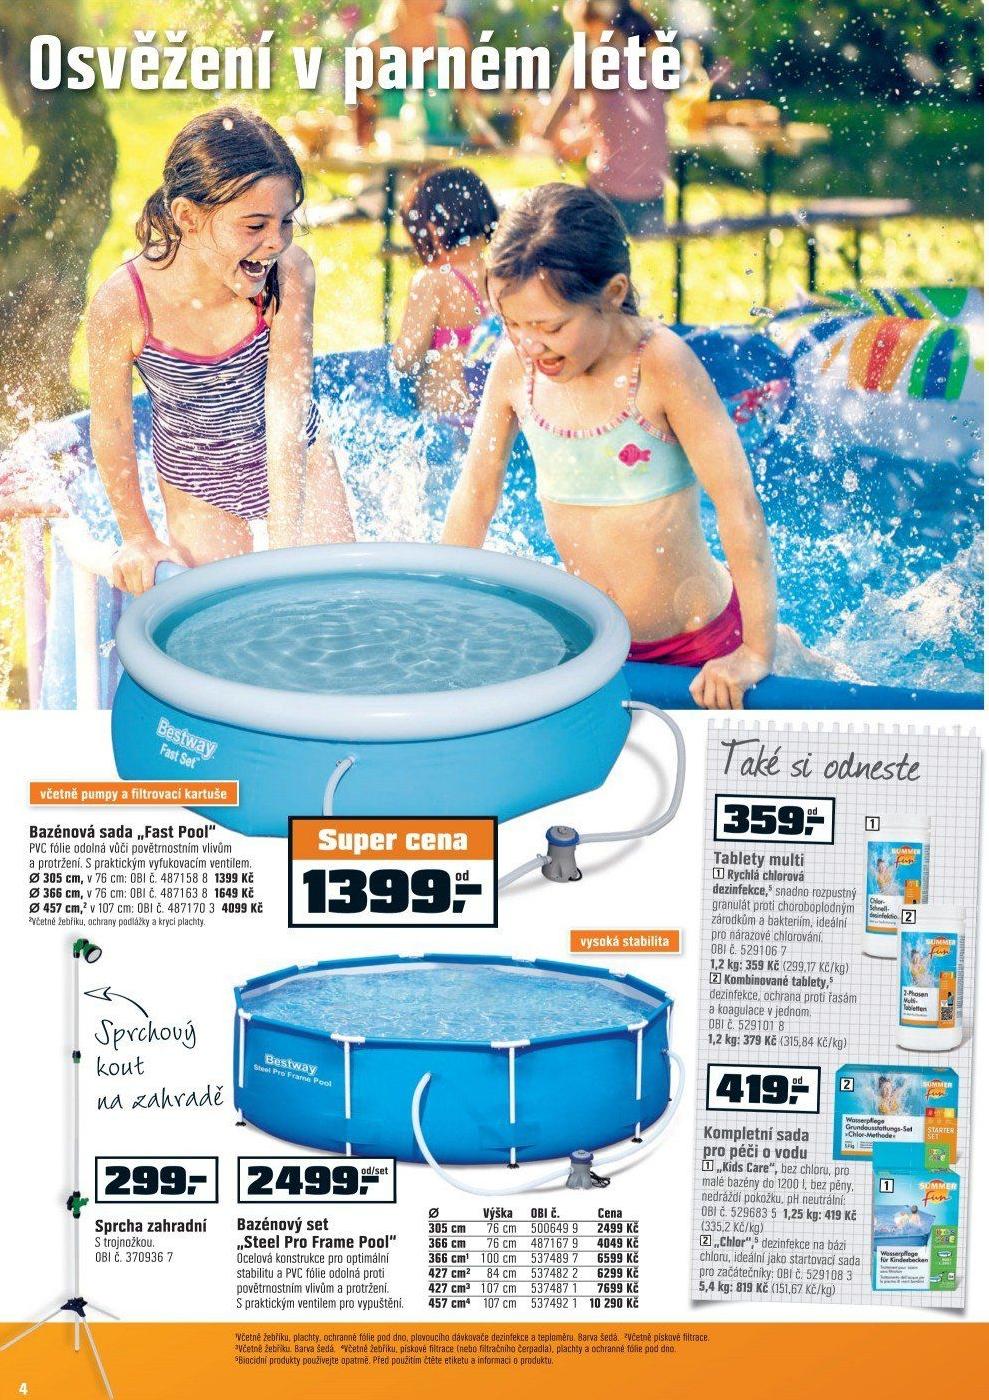 Gartenpool obi manuel petrik uhrtee pratersauna wien hq for Swimming pool obi